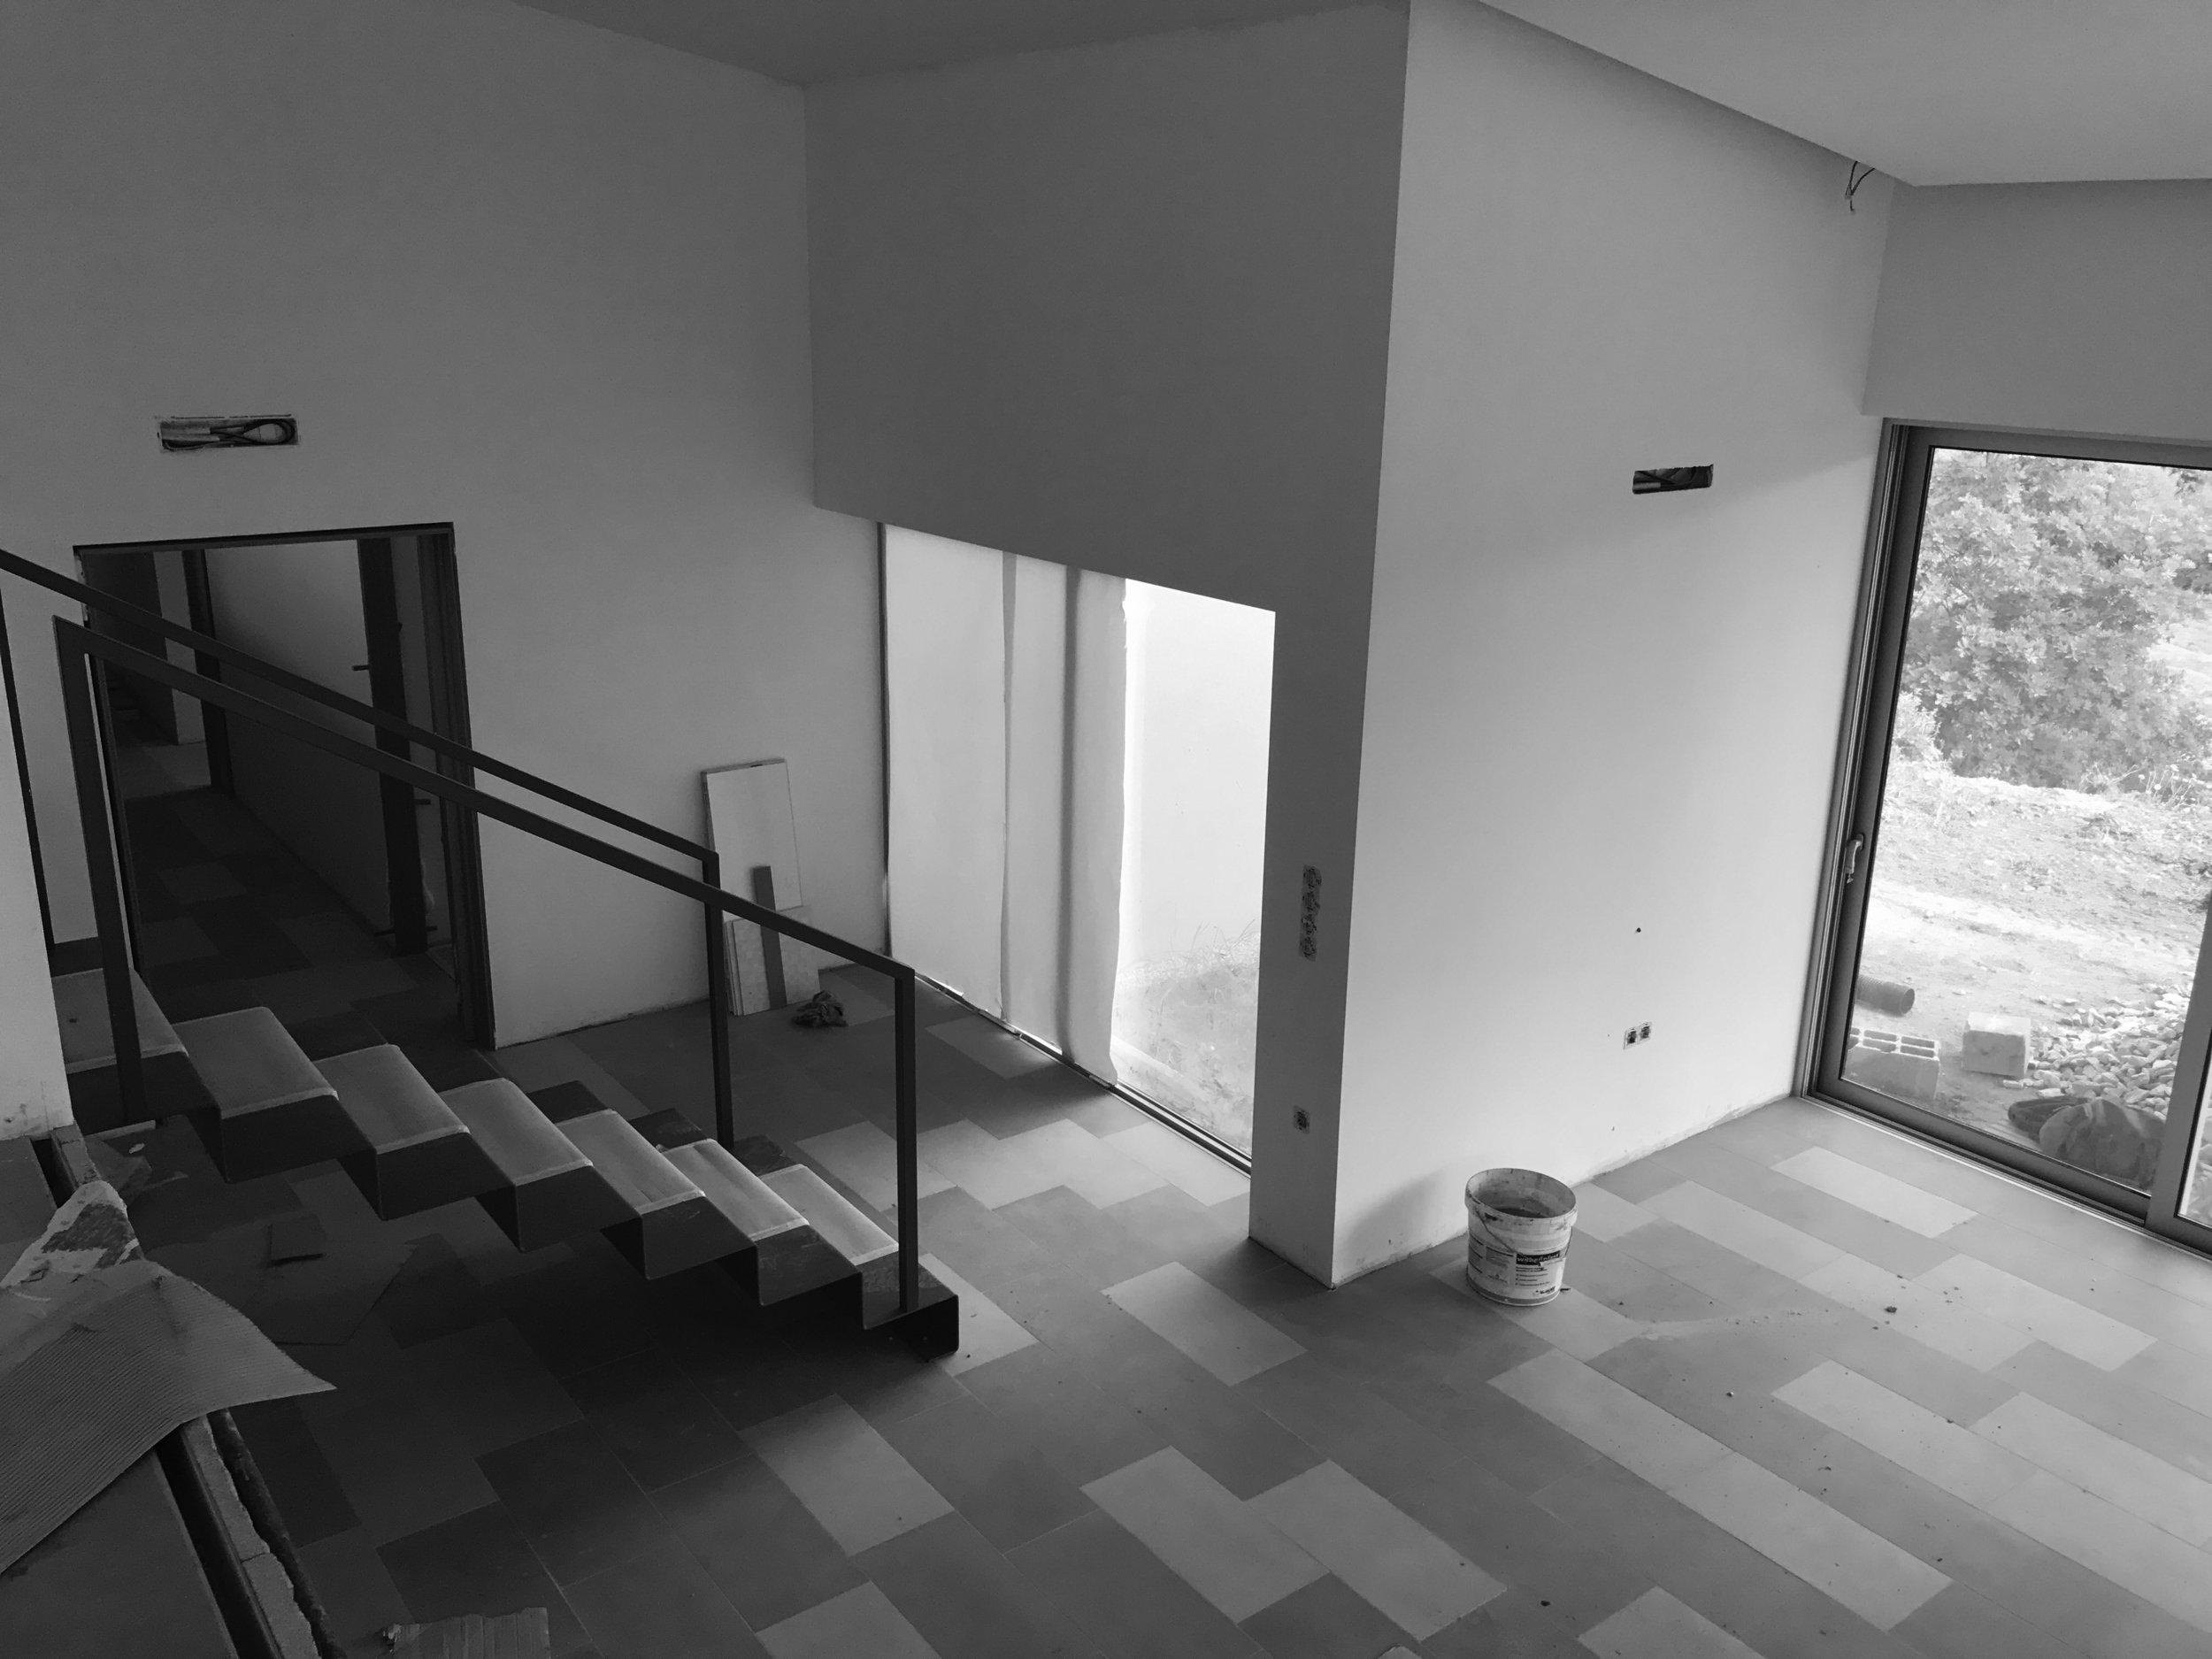 Moradia S+N - arquitectura - arquitectos - porto - oliveira de azemeis - construção - projecto - eva evolutionary architecture (21).jpg